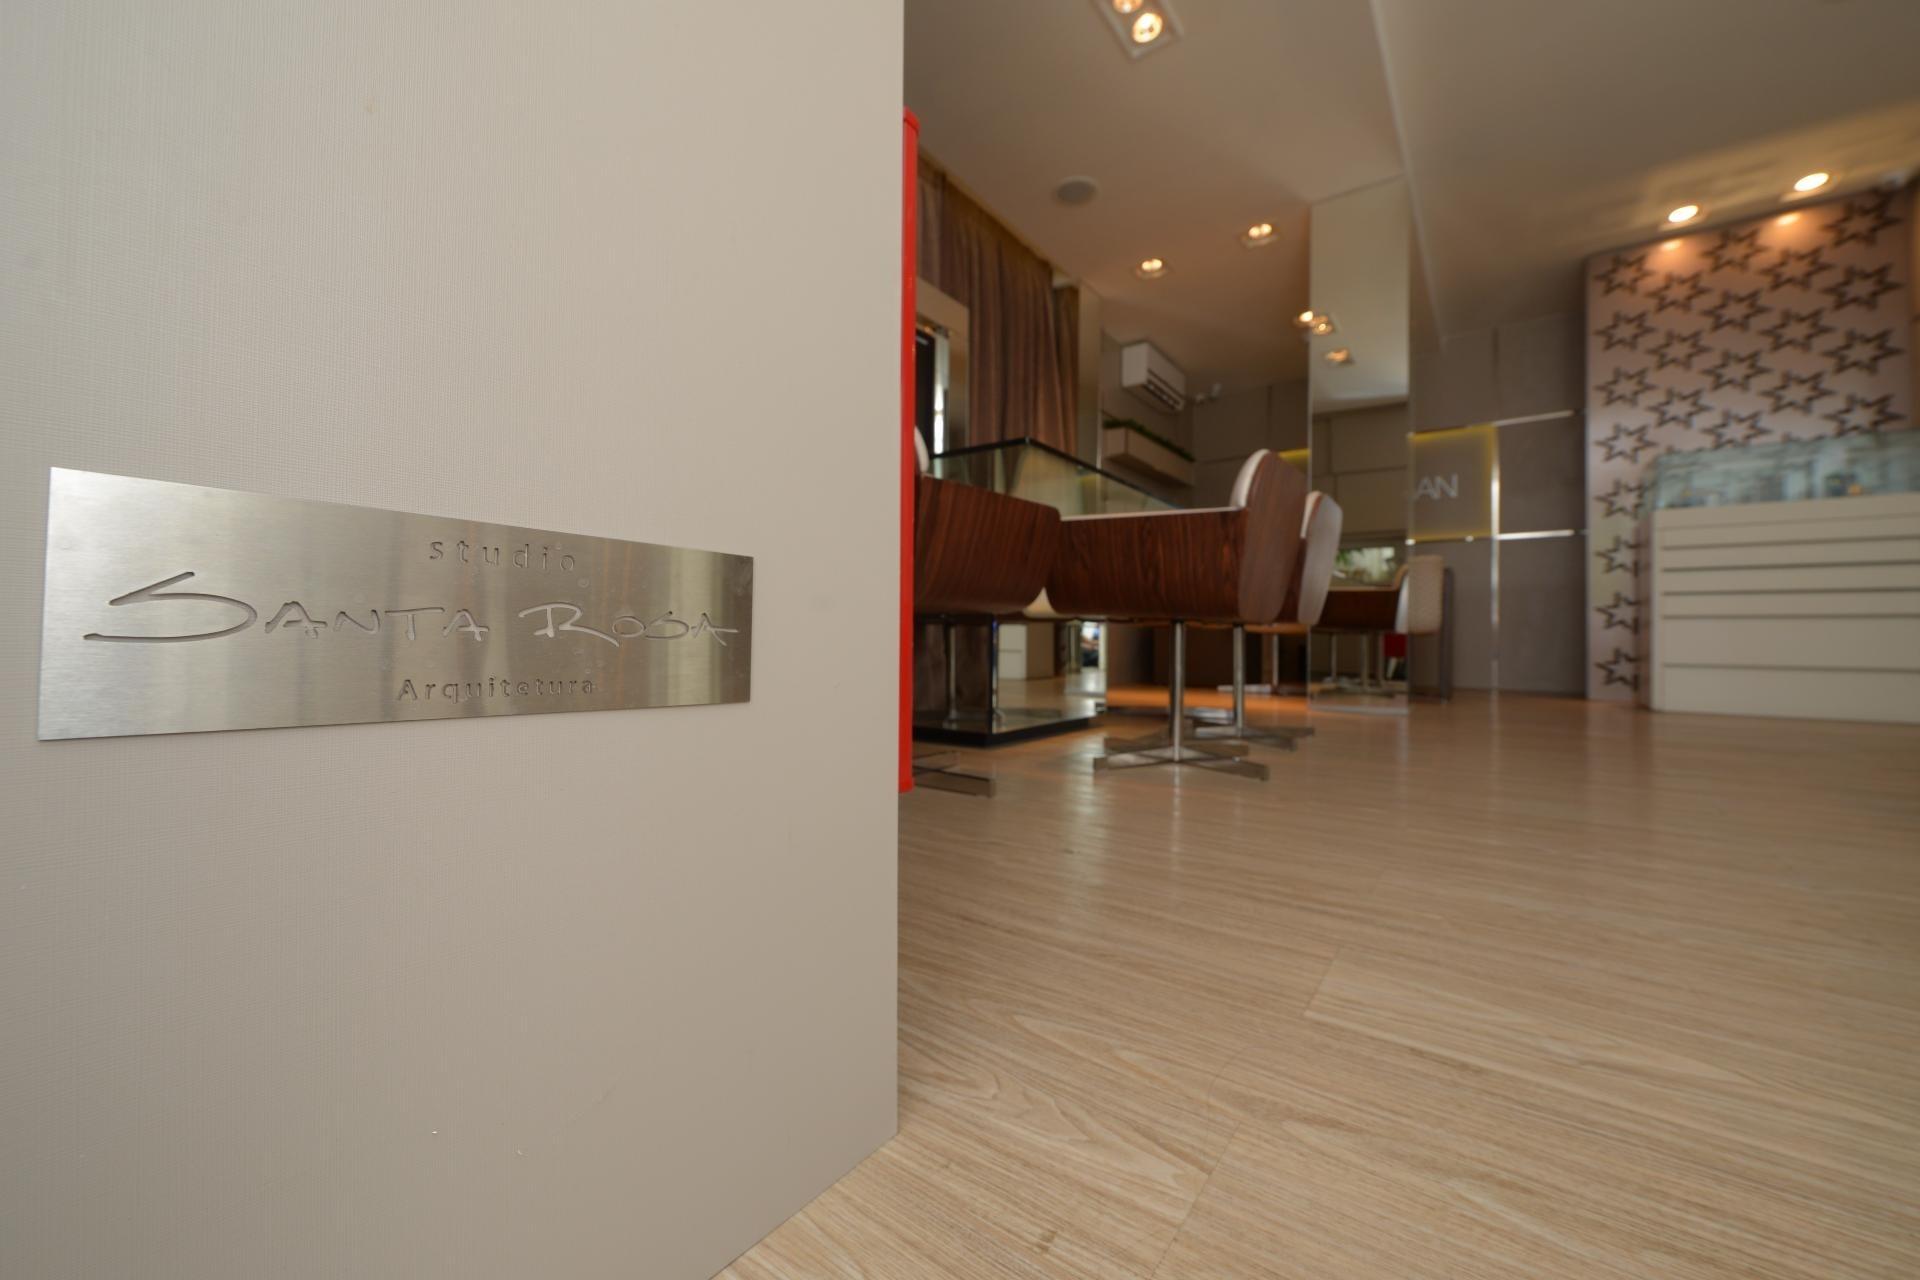 Linha Ambienta Series Gergelim / Código 9343607 / Projeto: Loja de Jóias Luanda Gan / Arquiteto: Studio Santa Rosa